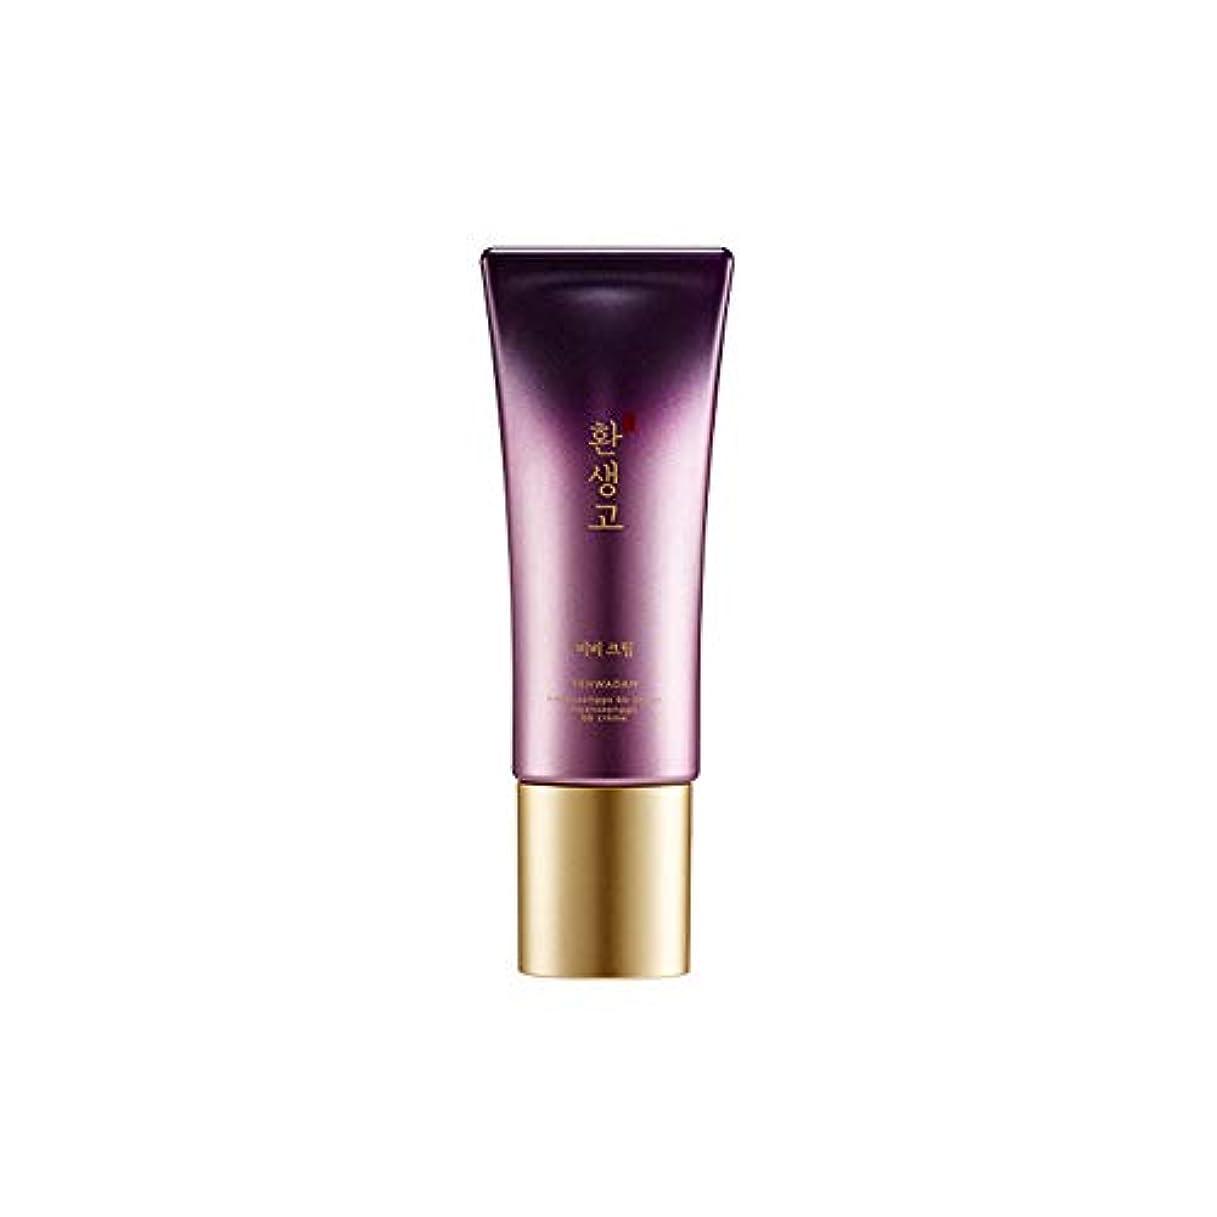 最初ギャップ暗唱する[ザフェイスショップ] The Face Shop イェファダム 還生膏BBクリーム SPF35 PA++ 45ml YEHWADAM Hwansaenggo BB Cream 45ml [海外直送品]